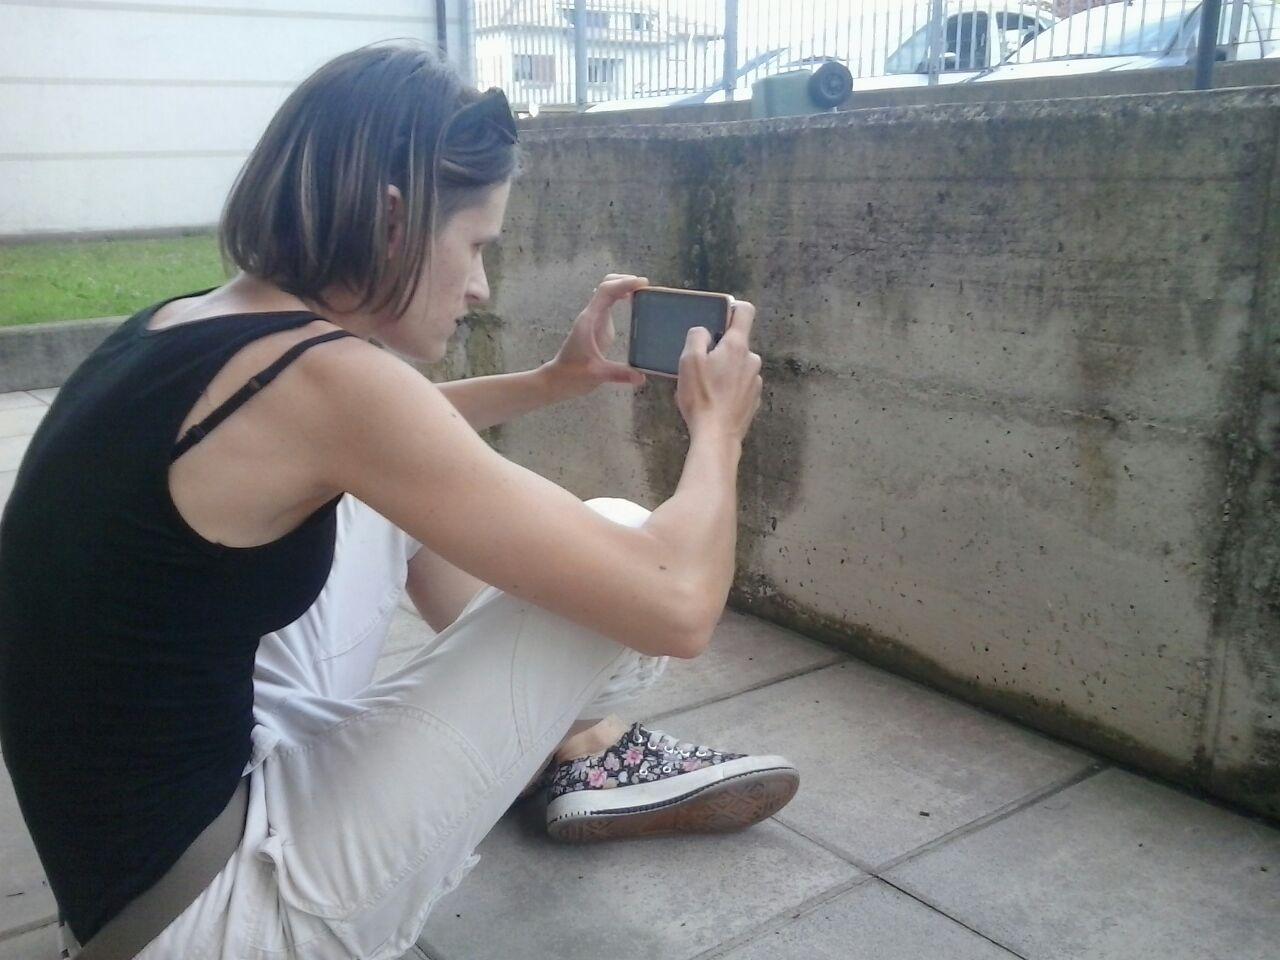 Sfondi Instagram Fai Da Te O Del Perchè Fotografo Le Pareti